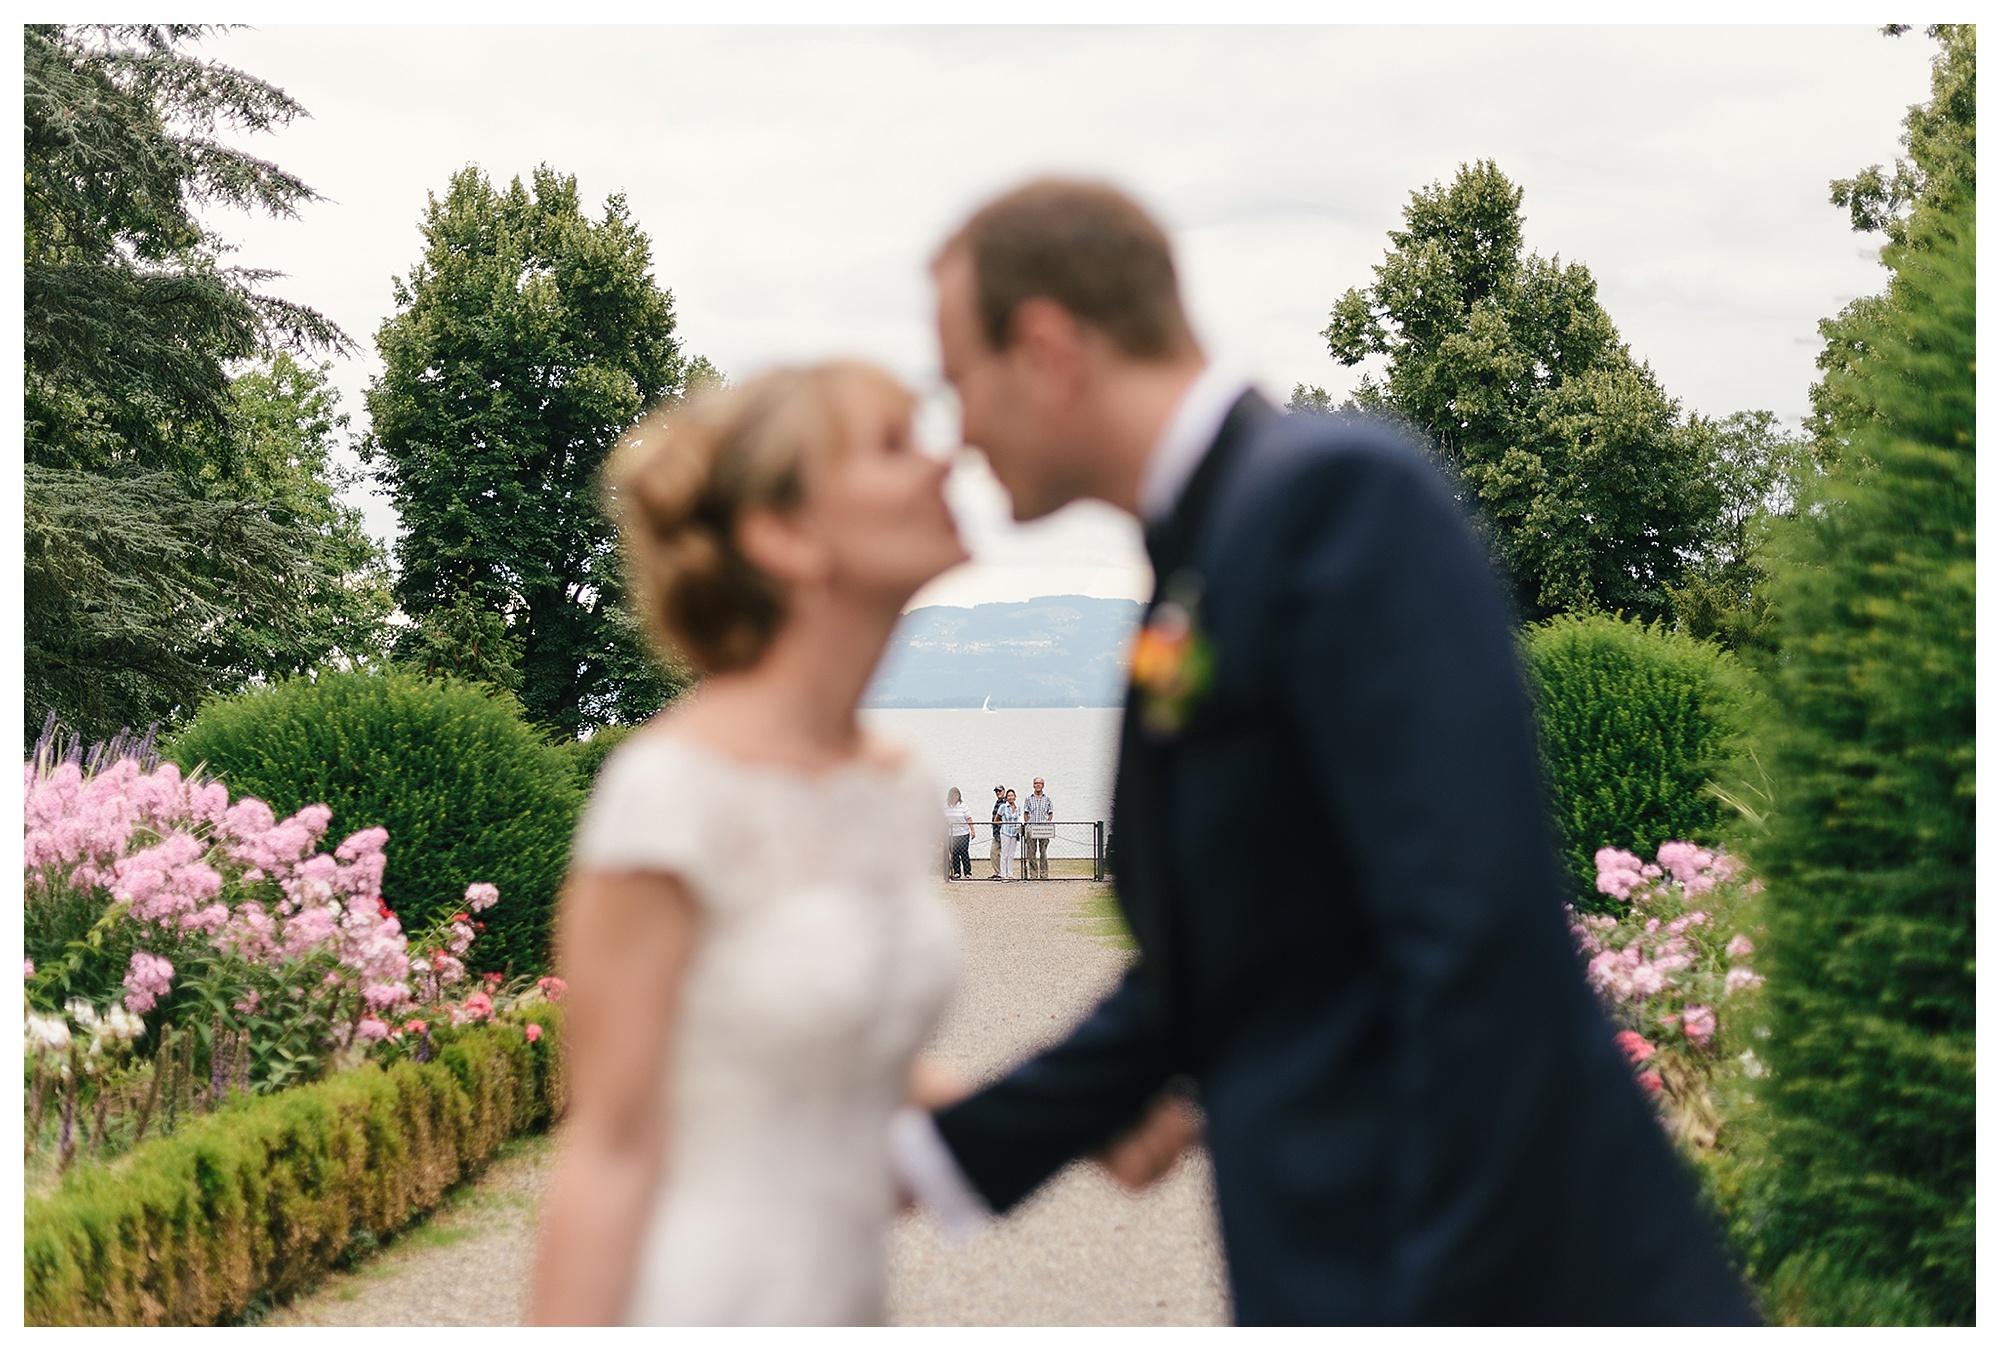 Fotograf Konstanz - Best of 2014 Elmar Feuerbacher Photography Hochzeit Portrait 031 - Rückblick auf 2014  - 36 -